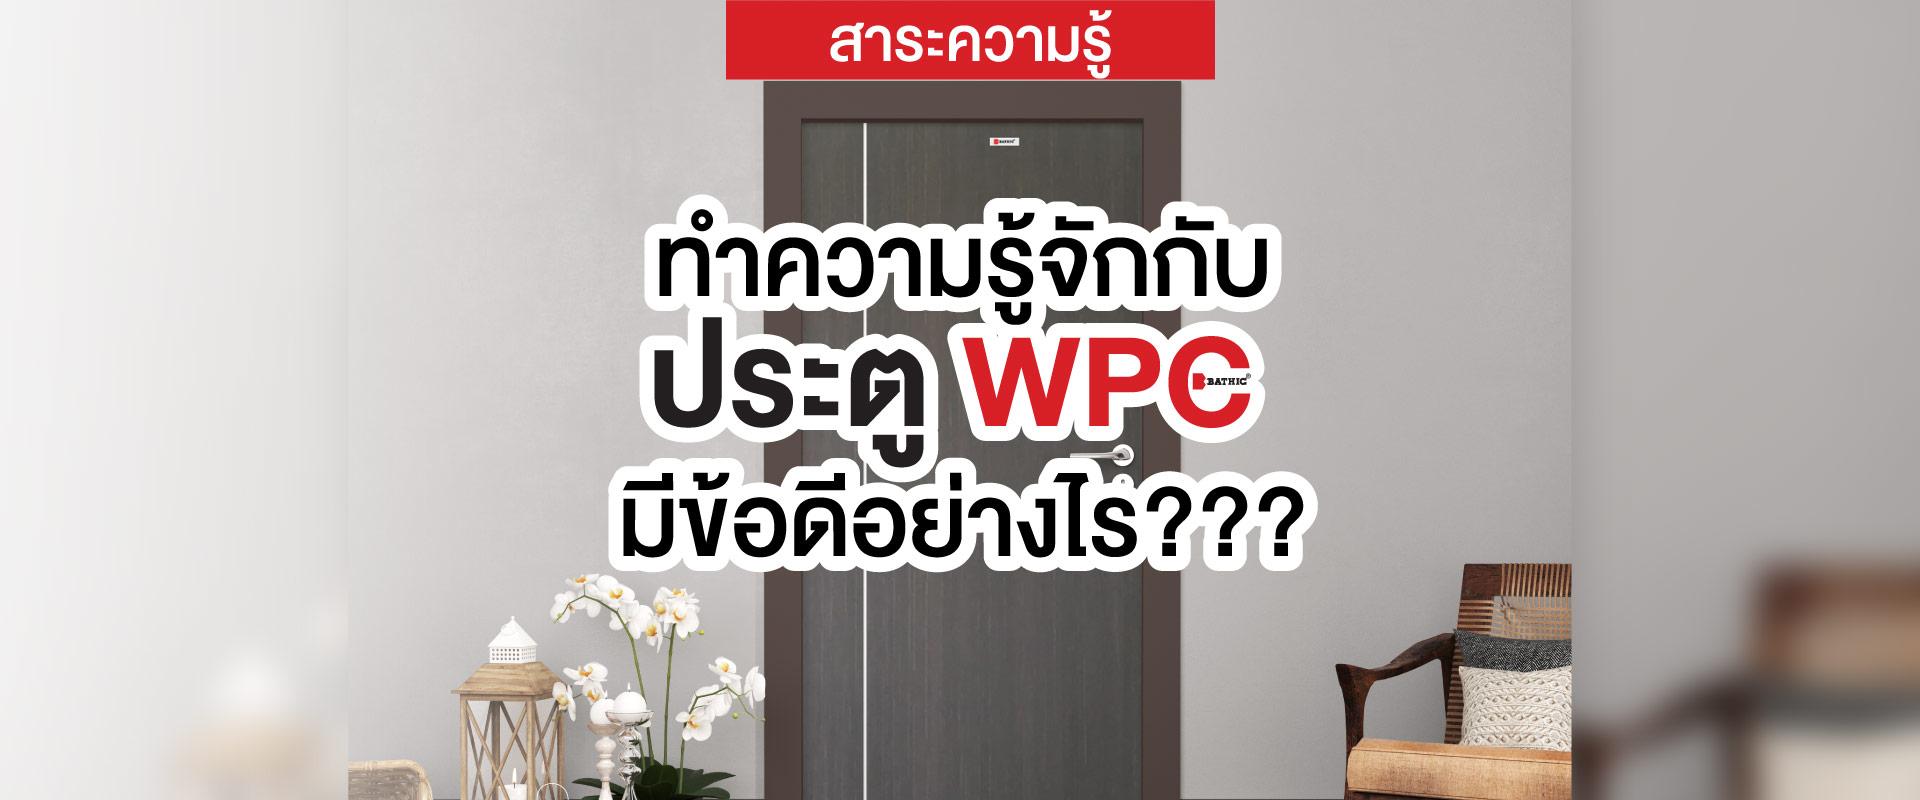 WP-wpc-door-content-Feature-Image